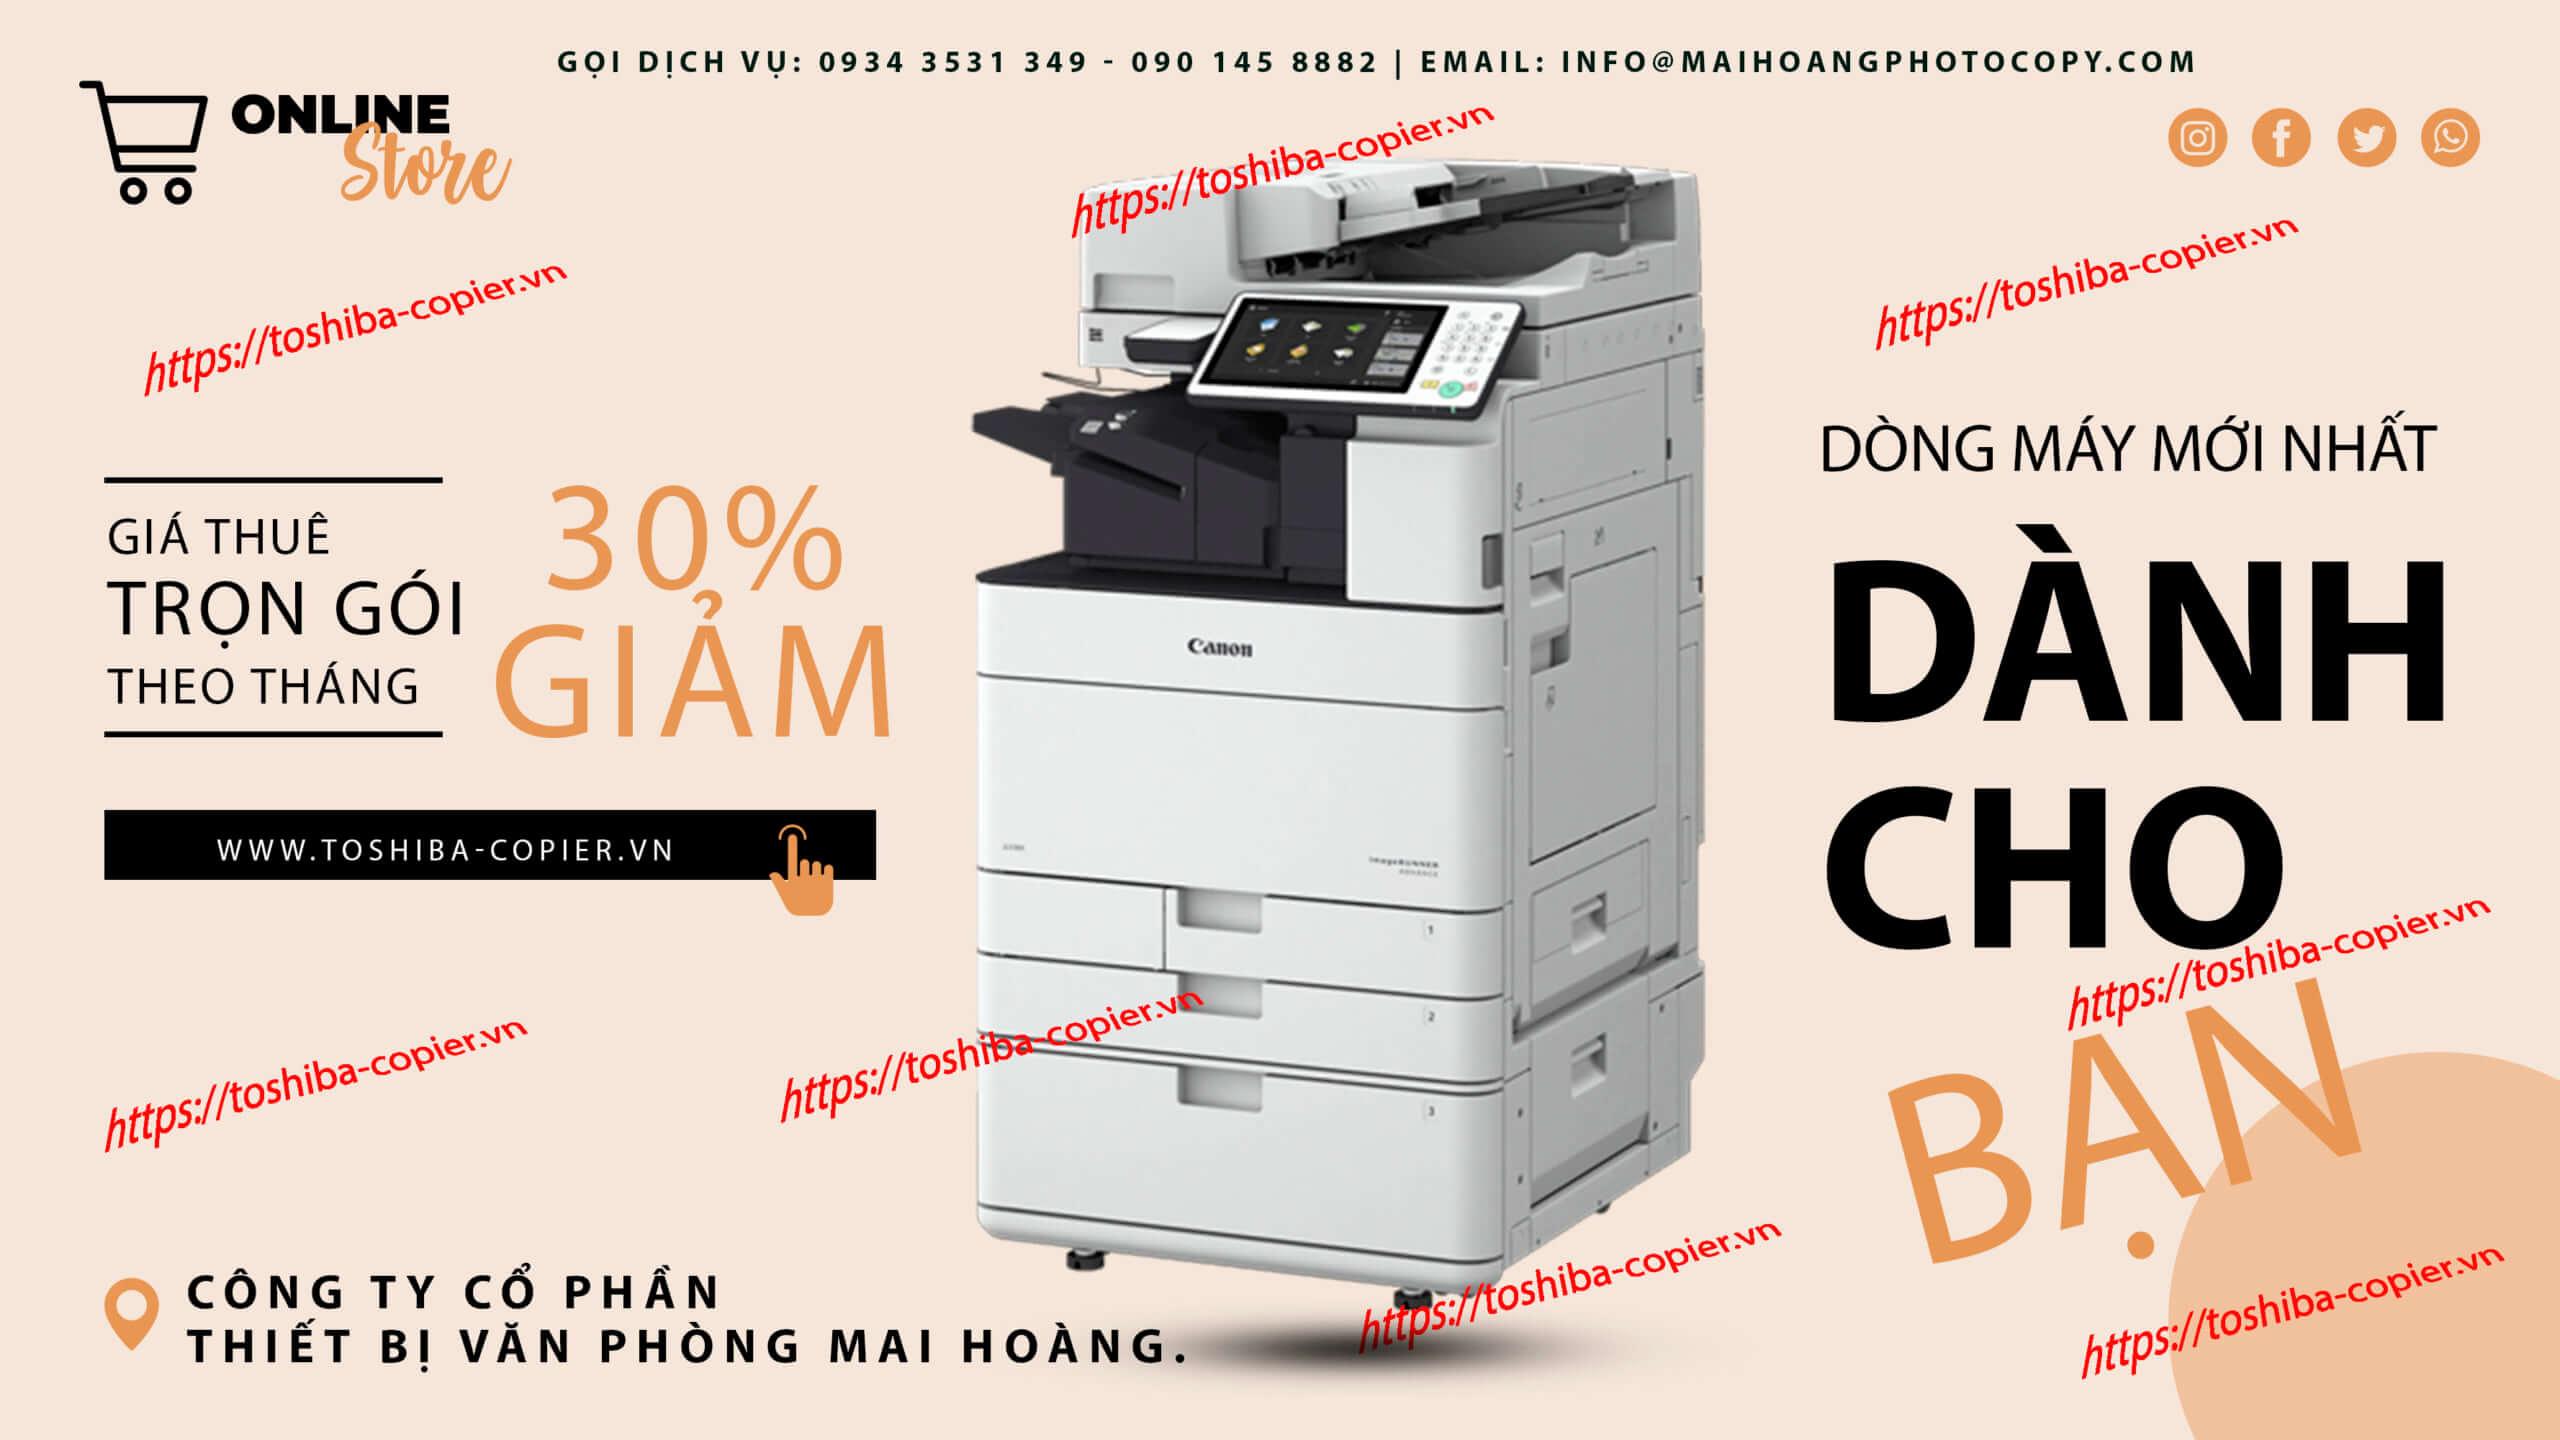 cho thuê máy photocopy canon Máy in là một thiết bị không thể thiếu trong việc in ấn tài liệu và hình ảnh, được sử dụng phổ biến trong văn phòng, tất cả các loại máy in hiện nay điều được kết nối với máy tính hoặc một chiếc máy chủ dùng để in chung.